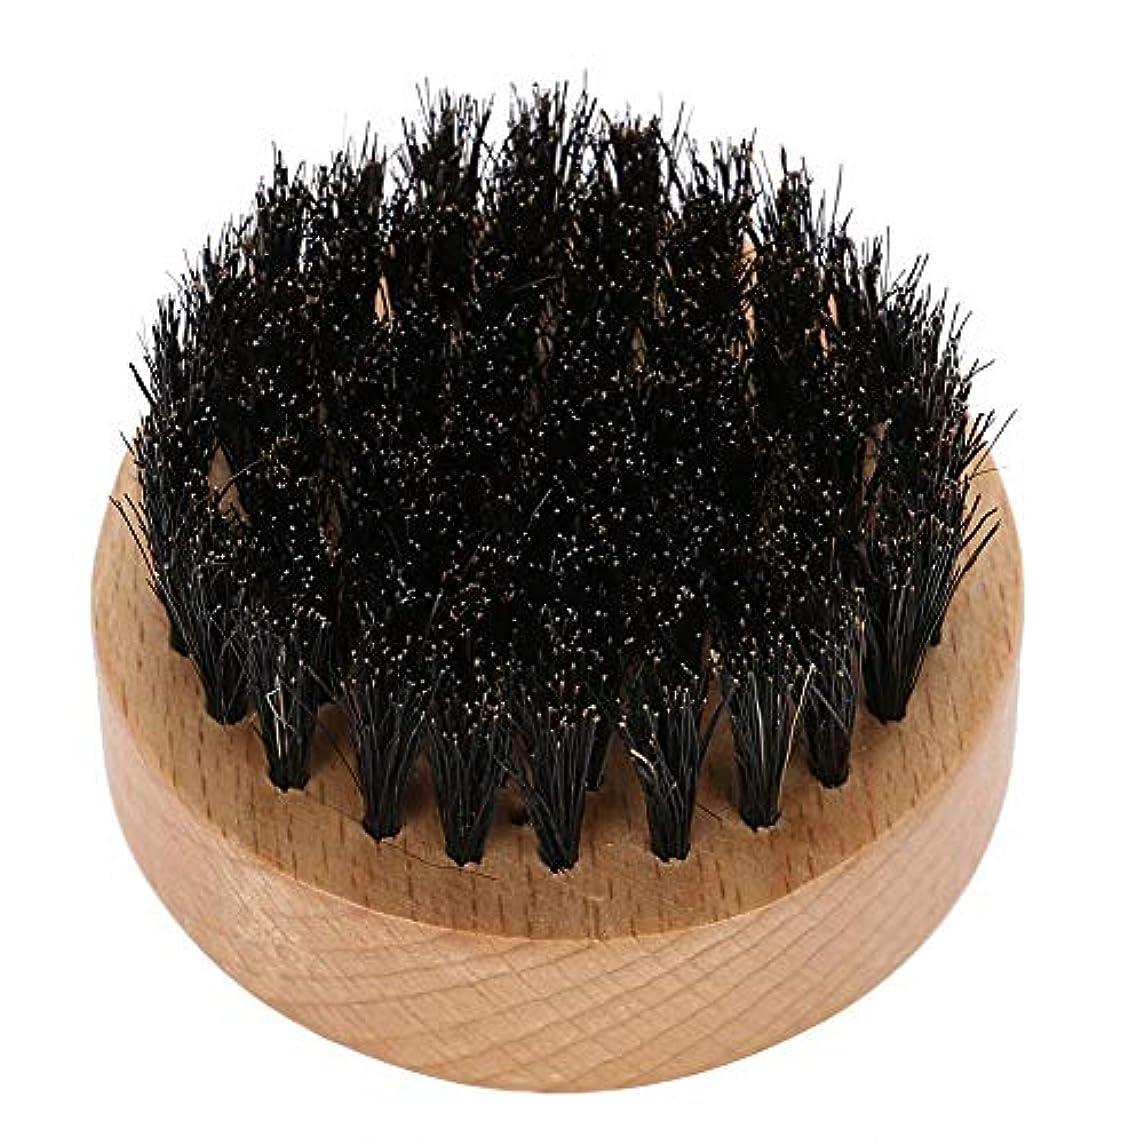 否認する最大の不適当男性 口ひげ サークル 木製 色ブナブラシ ひげケア シェービングクリーニンググルーミングキット